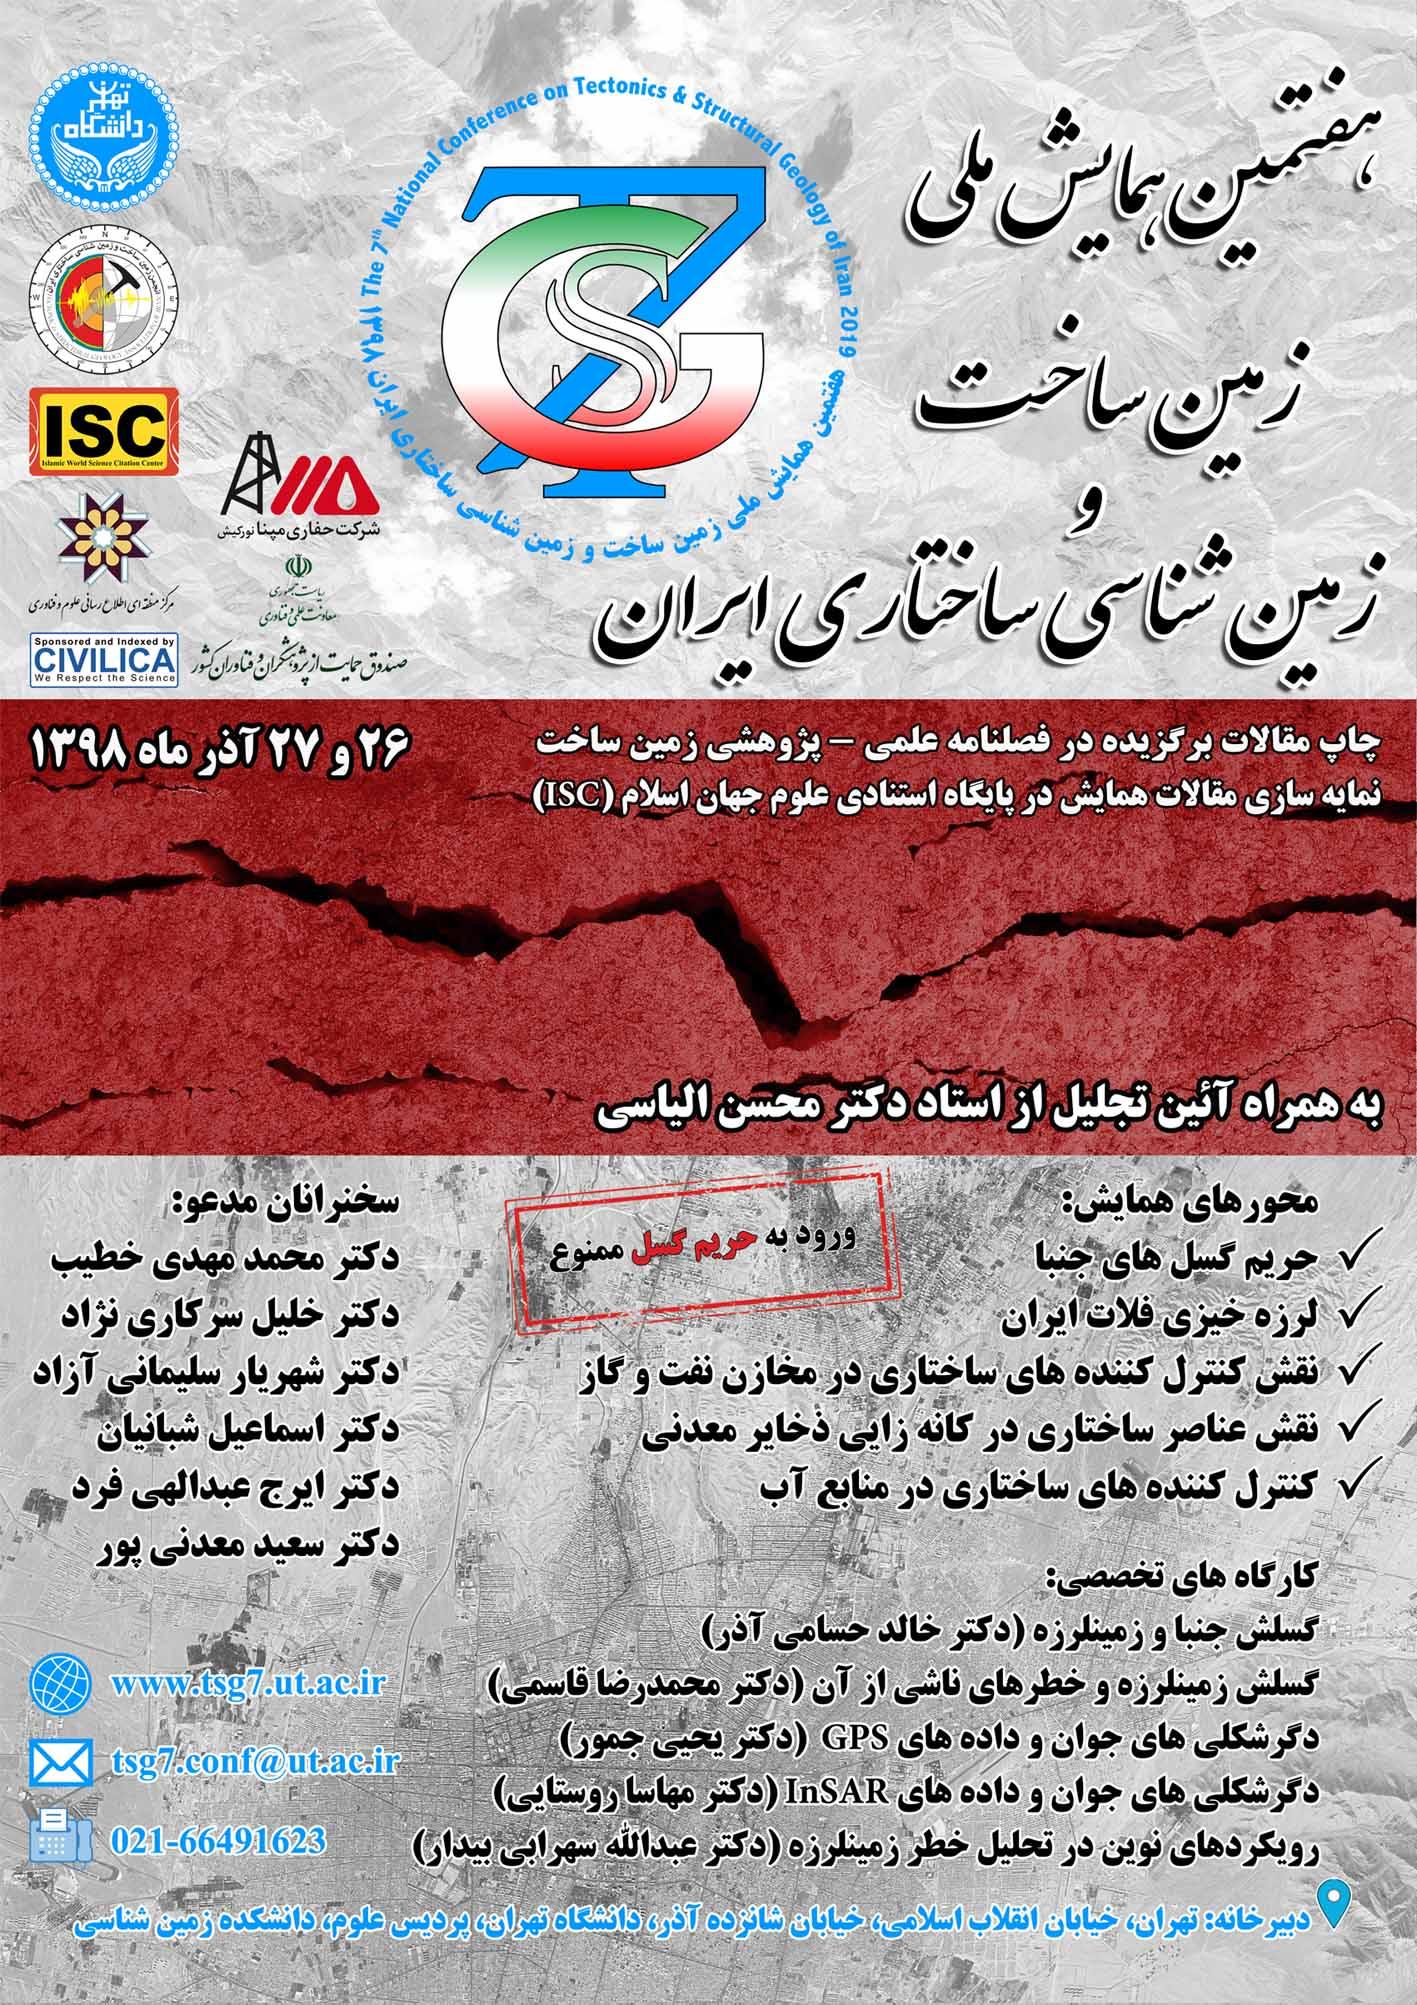 هفتمین همایش ملی زمین ساخت و زمین شناسی ساختاری ایران